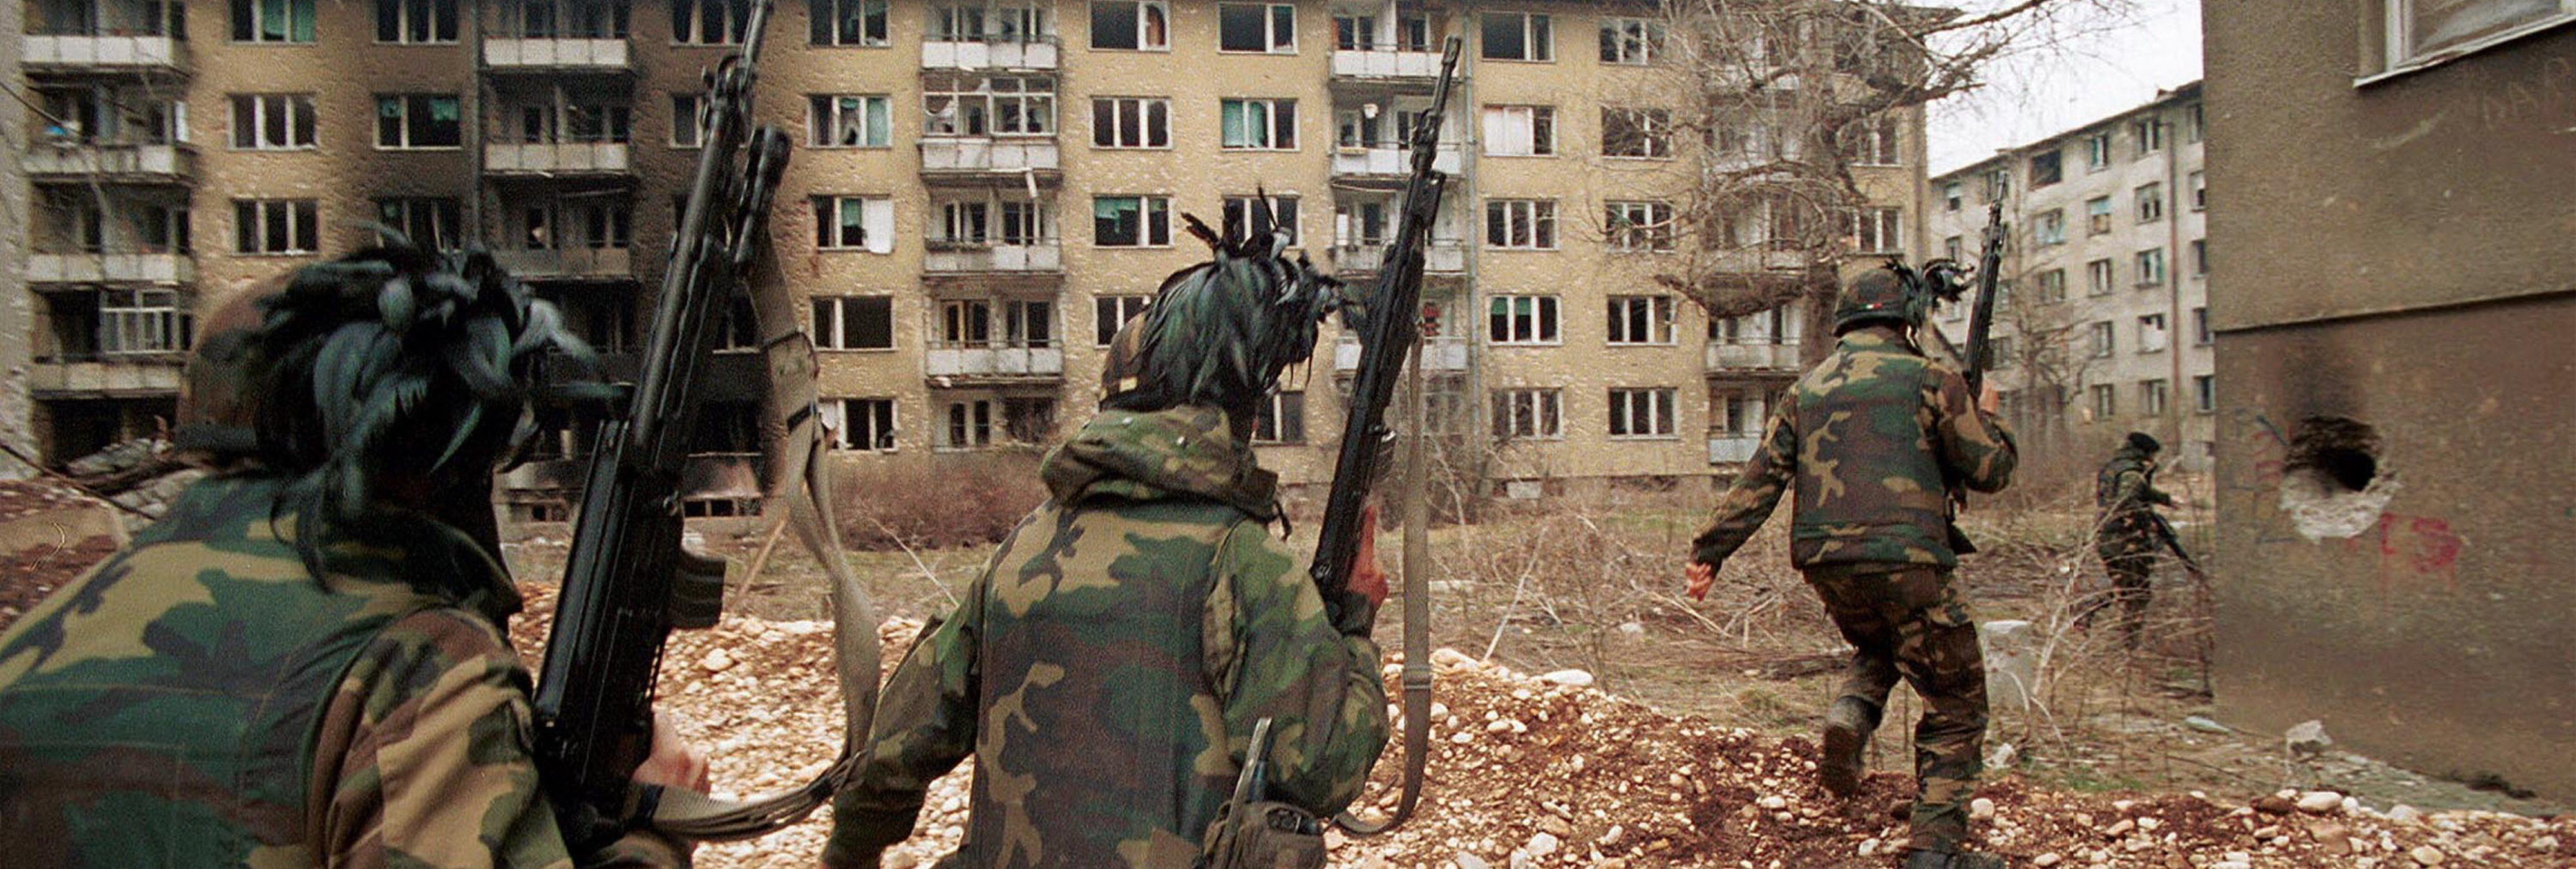 El precedente de Bosnia y el nacionalismo islamófobo con consecuencias dramáticas